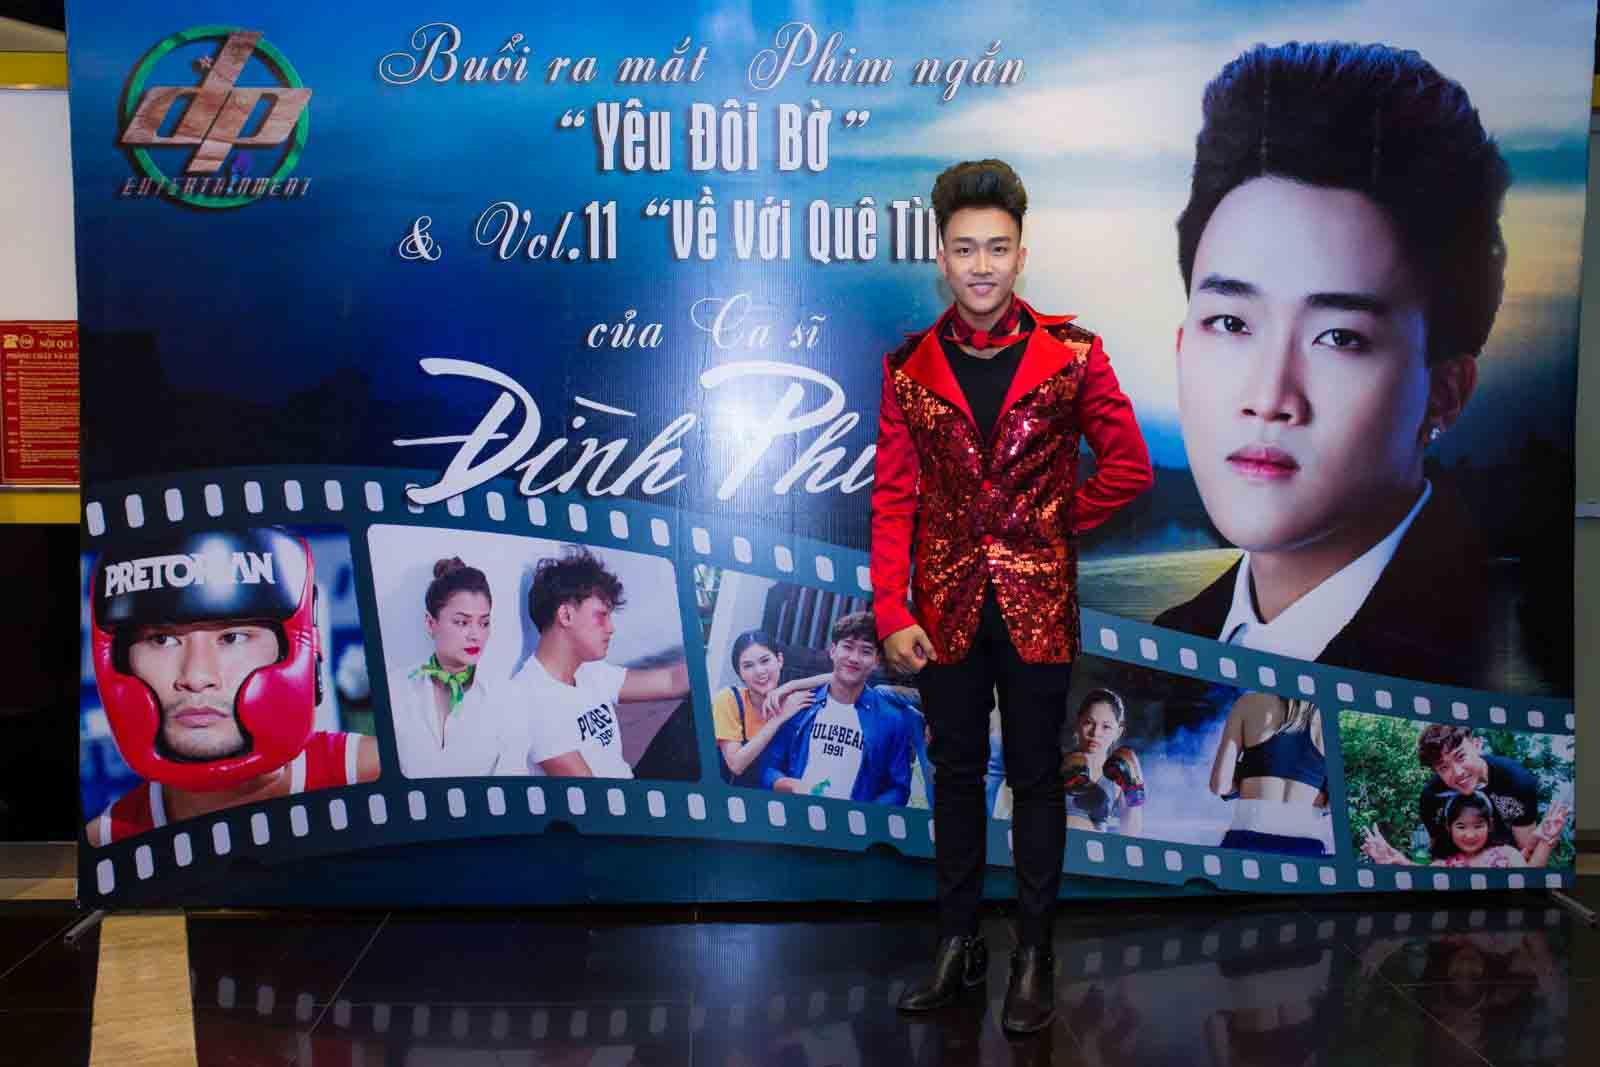 Đình Phước trở thành vận động viên Muay Thái trong phim ngắn 'Yêu đôi bờ'